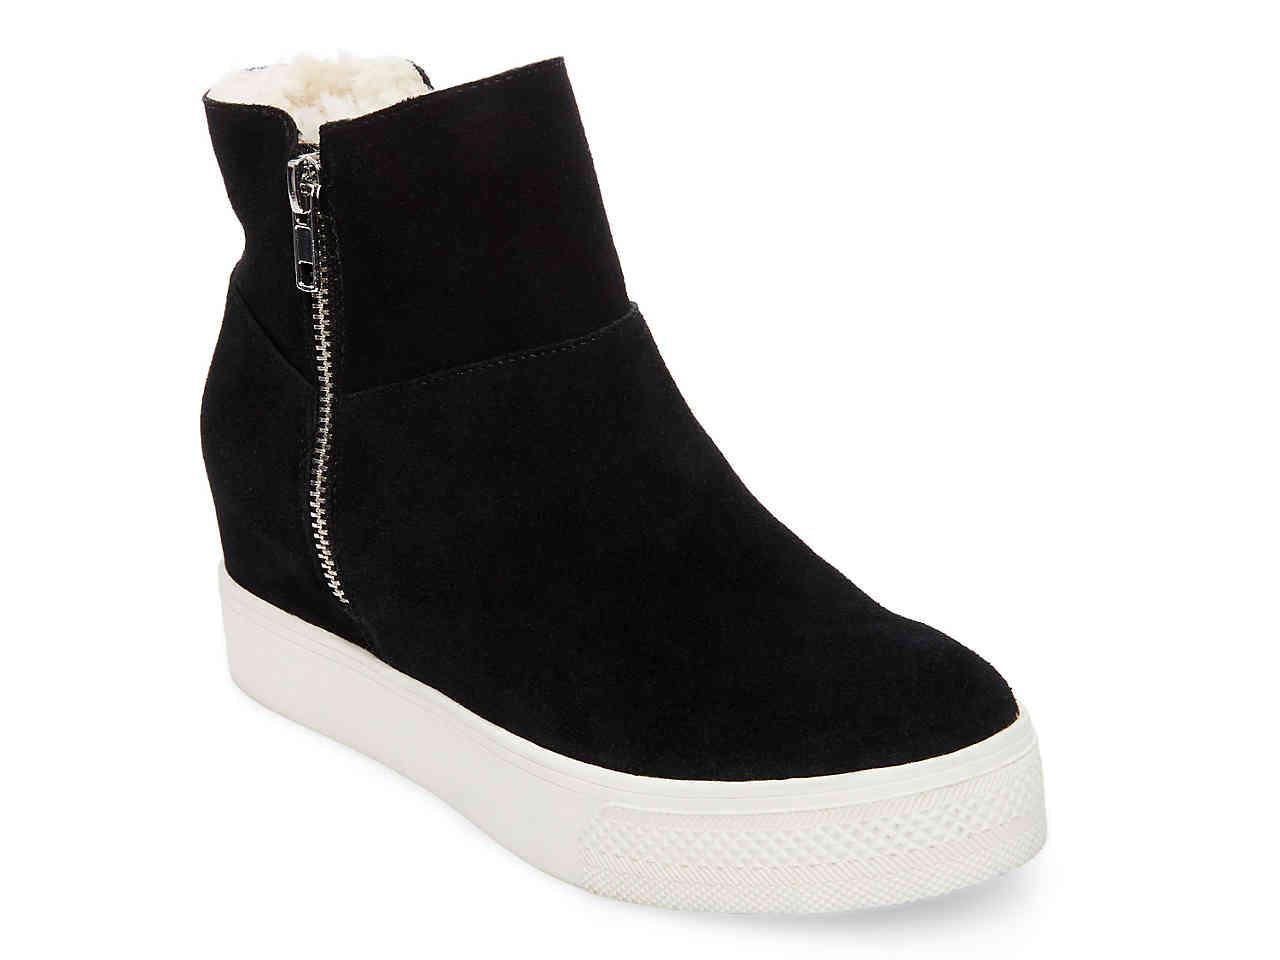 Lyst - Steve Madden Wanda Wedge Sneaker in Black c5fde0d6dc2